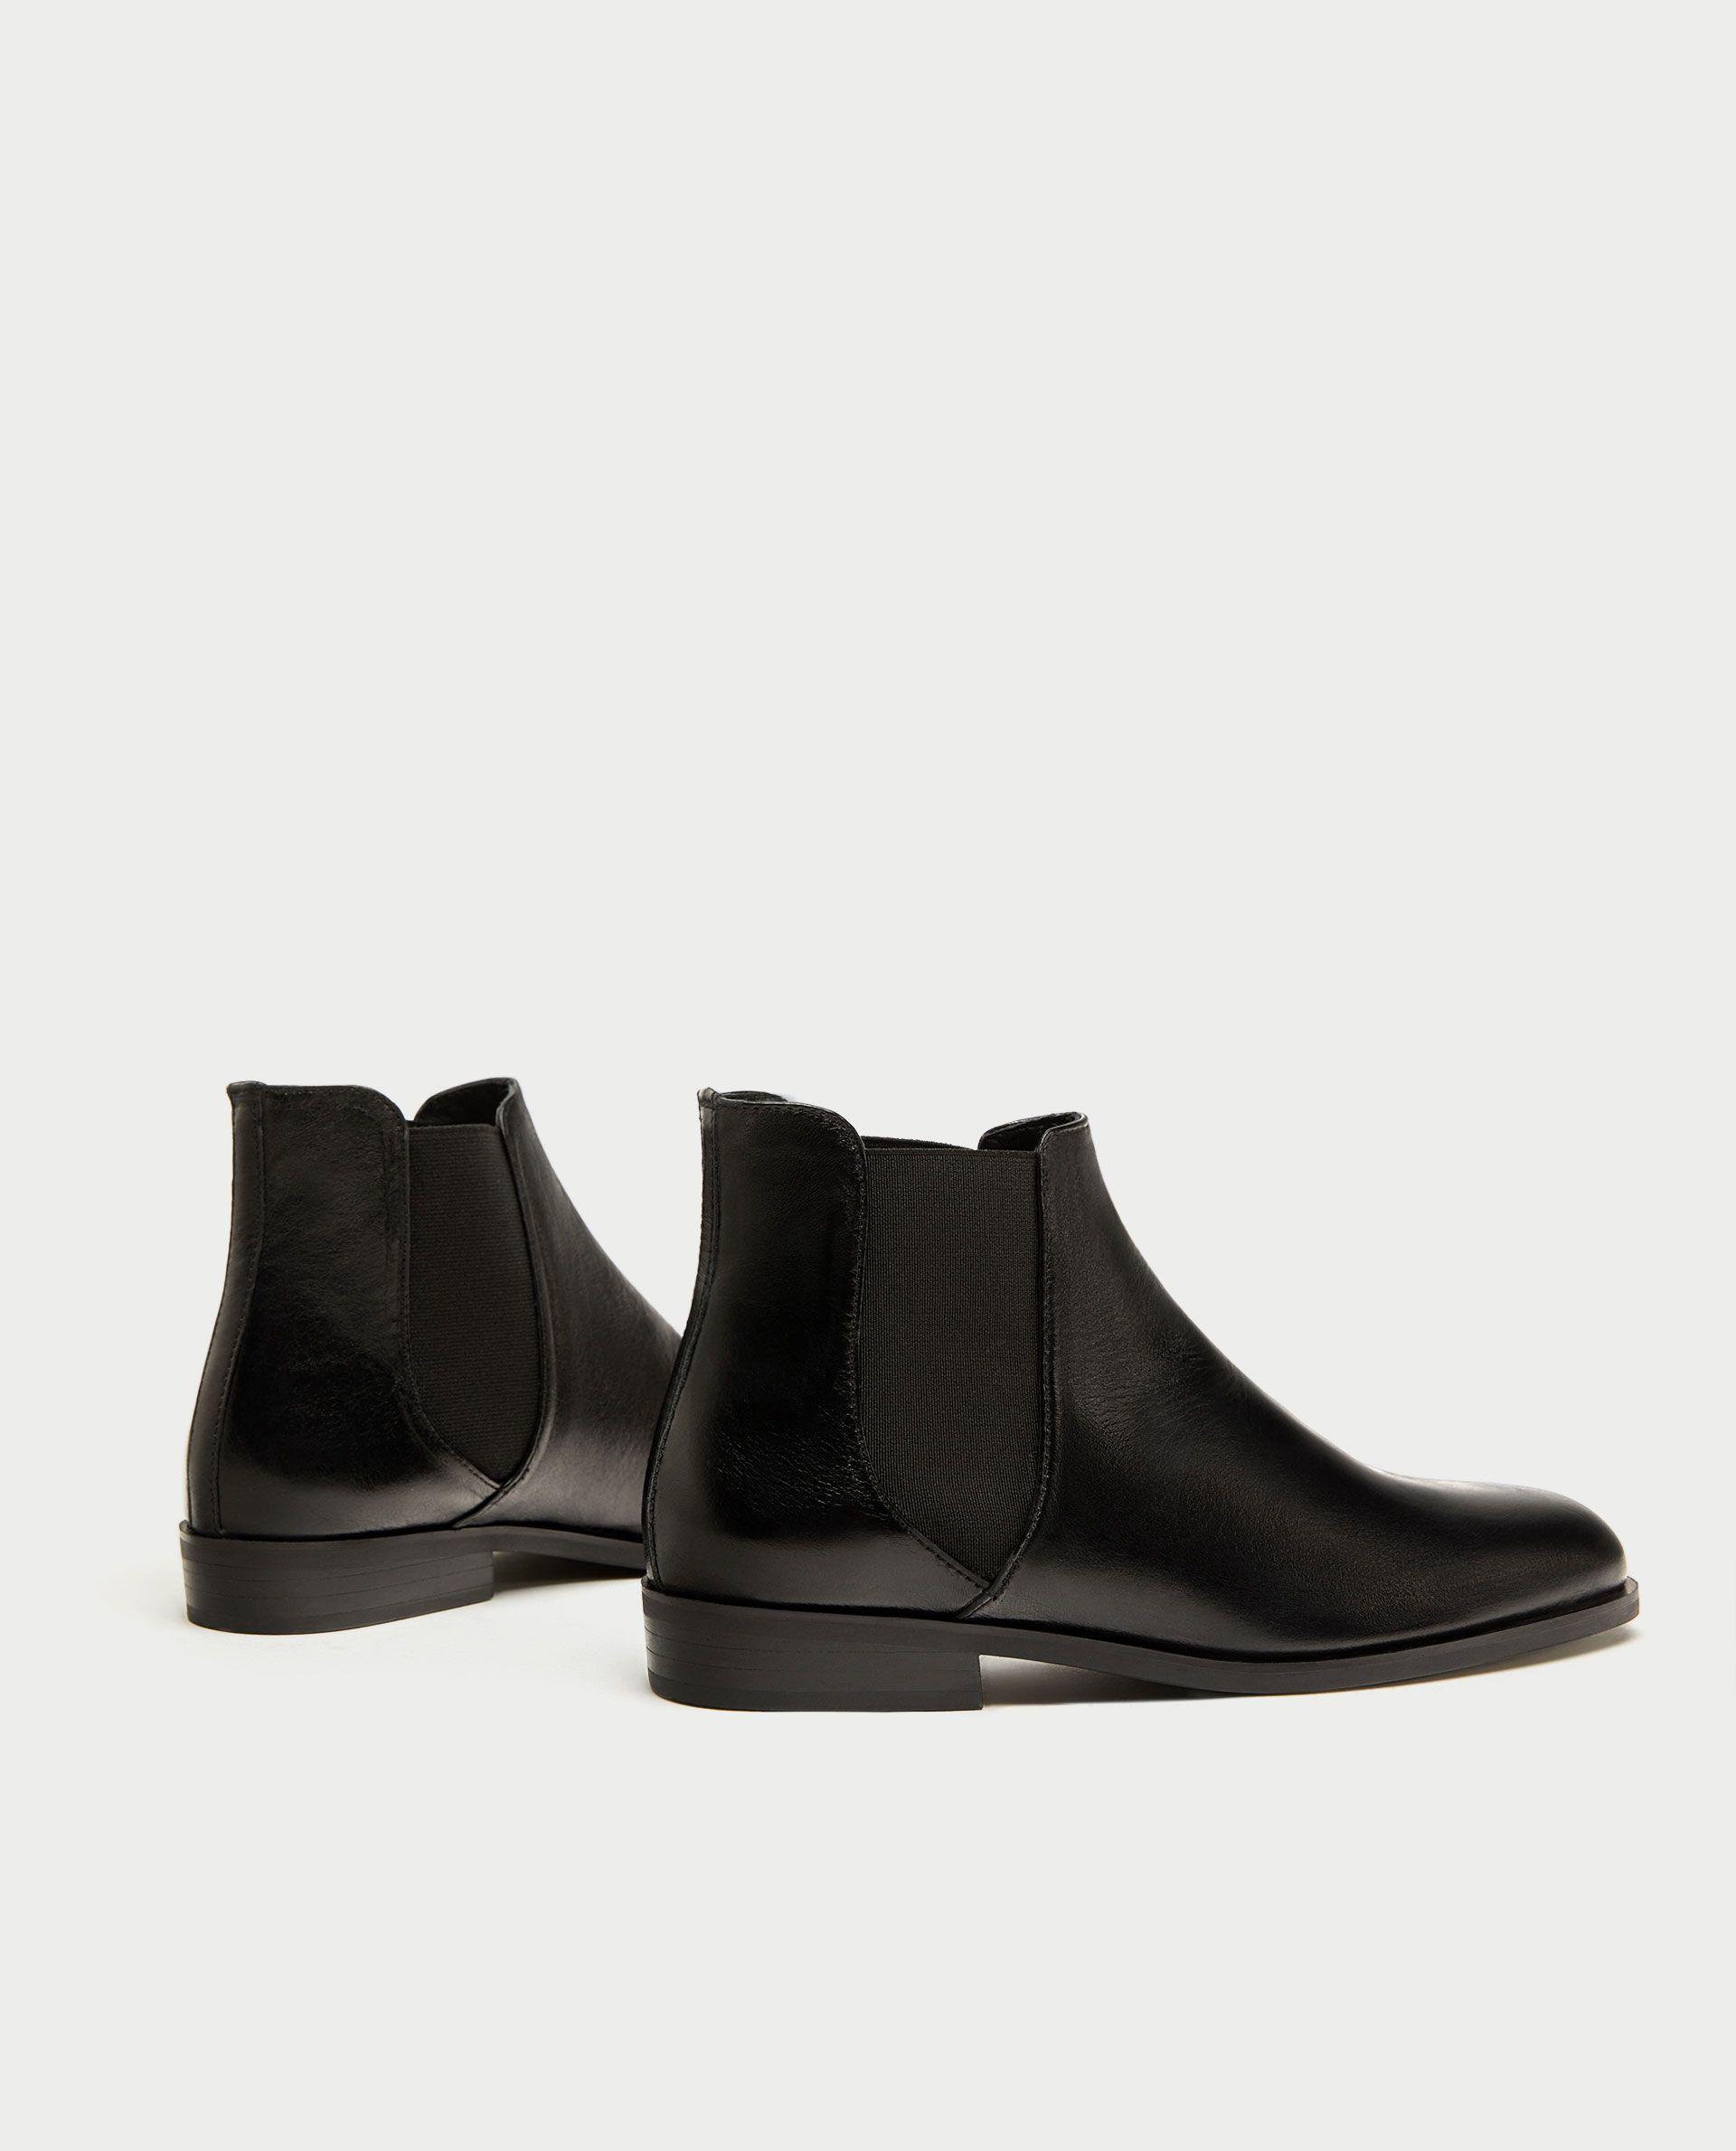 Mujer Office elástica elástico V Front   Zapatos  Front Cuero Negro Planos 33b84b